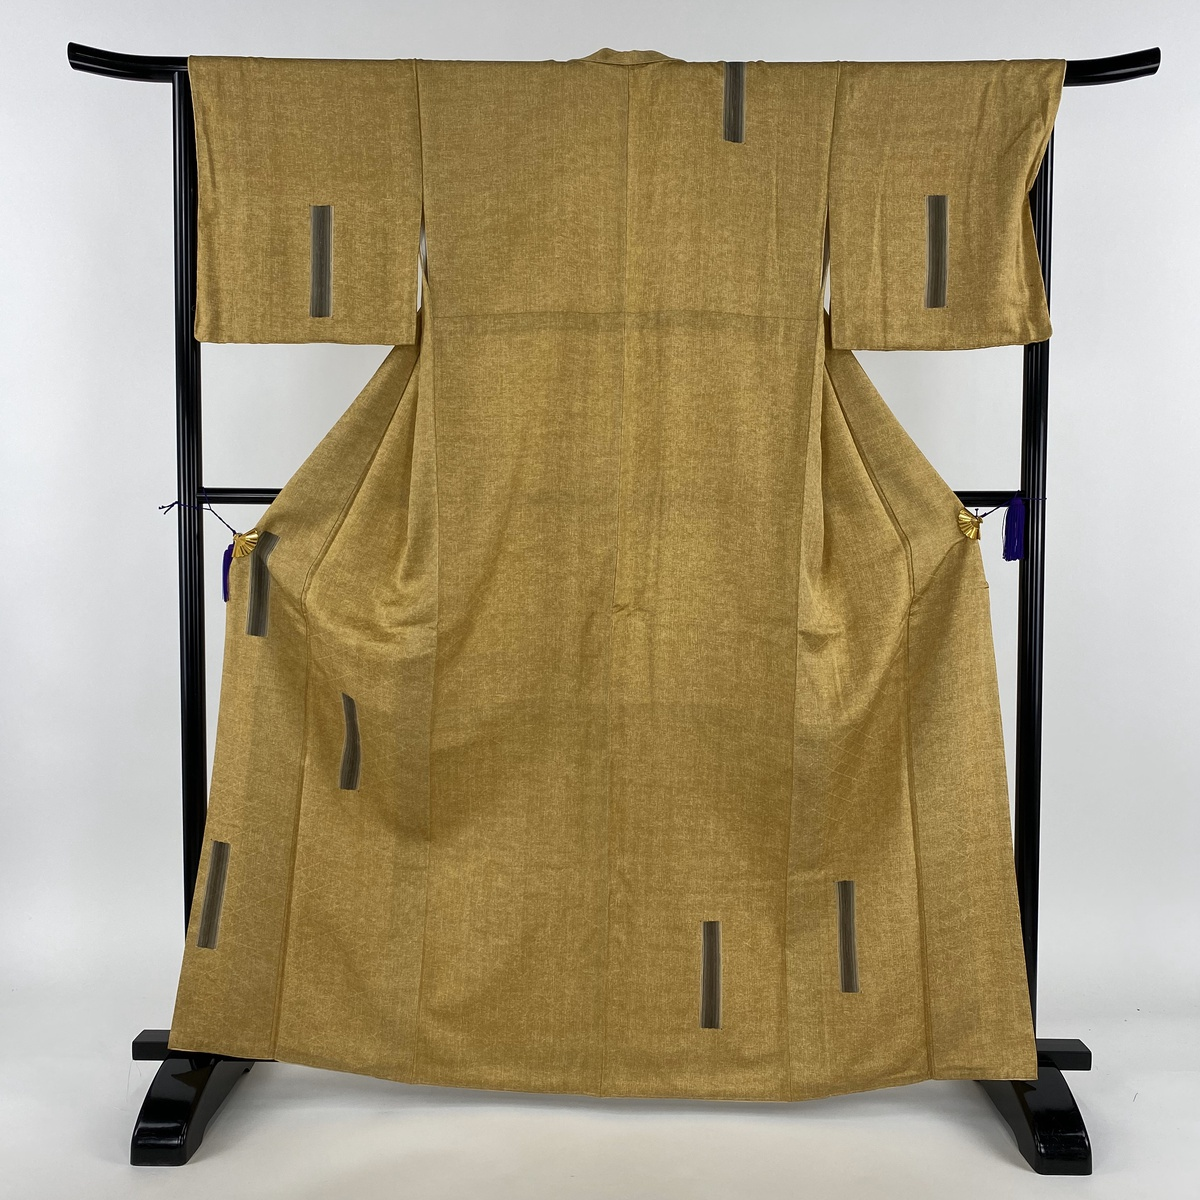 付下げ 美品 秀品 幾何学 黄土色 袷 身丈164.5cm 裄丈67cm M 正絹 【中古】